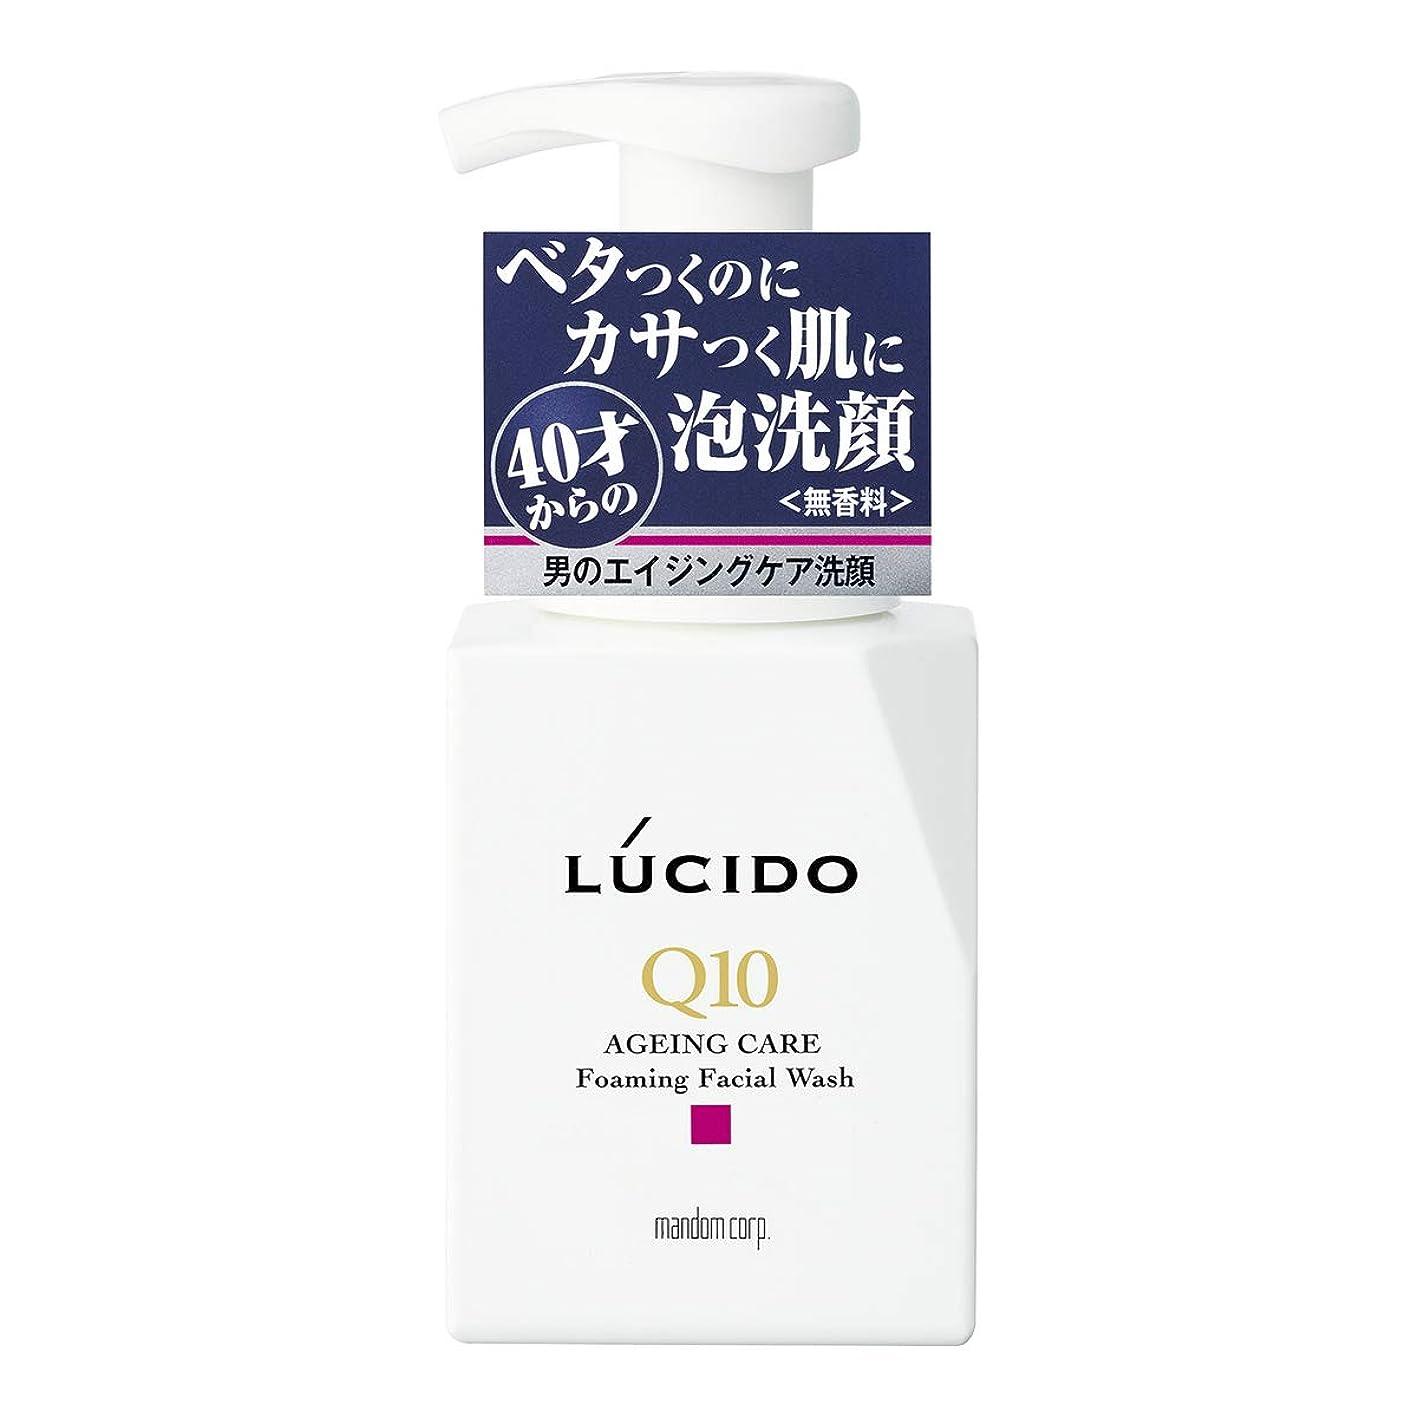 現在スペアお願いしますLUCIDO(ルシード) トータルケア泡洗顔 Q10 150mL